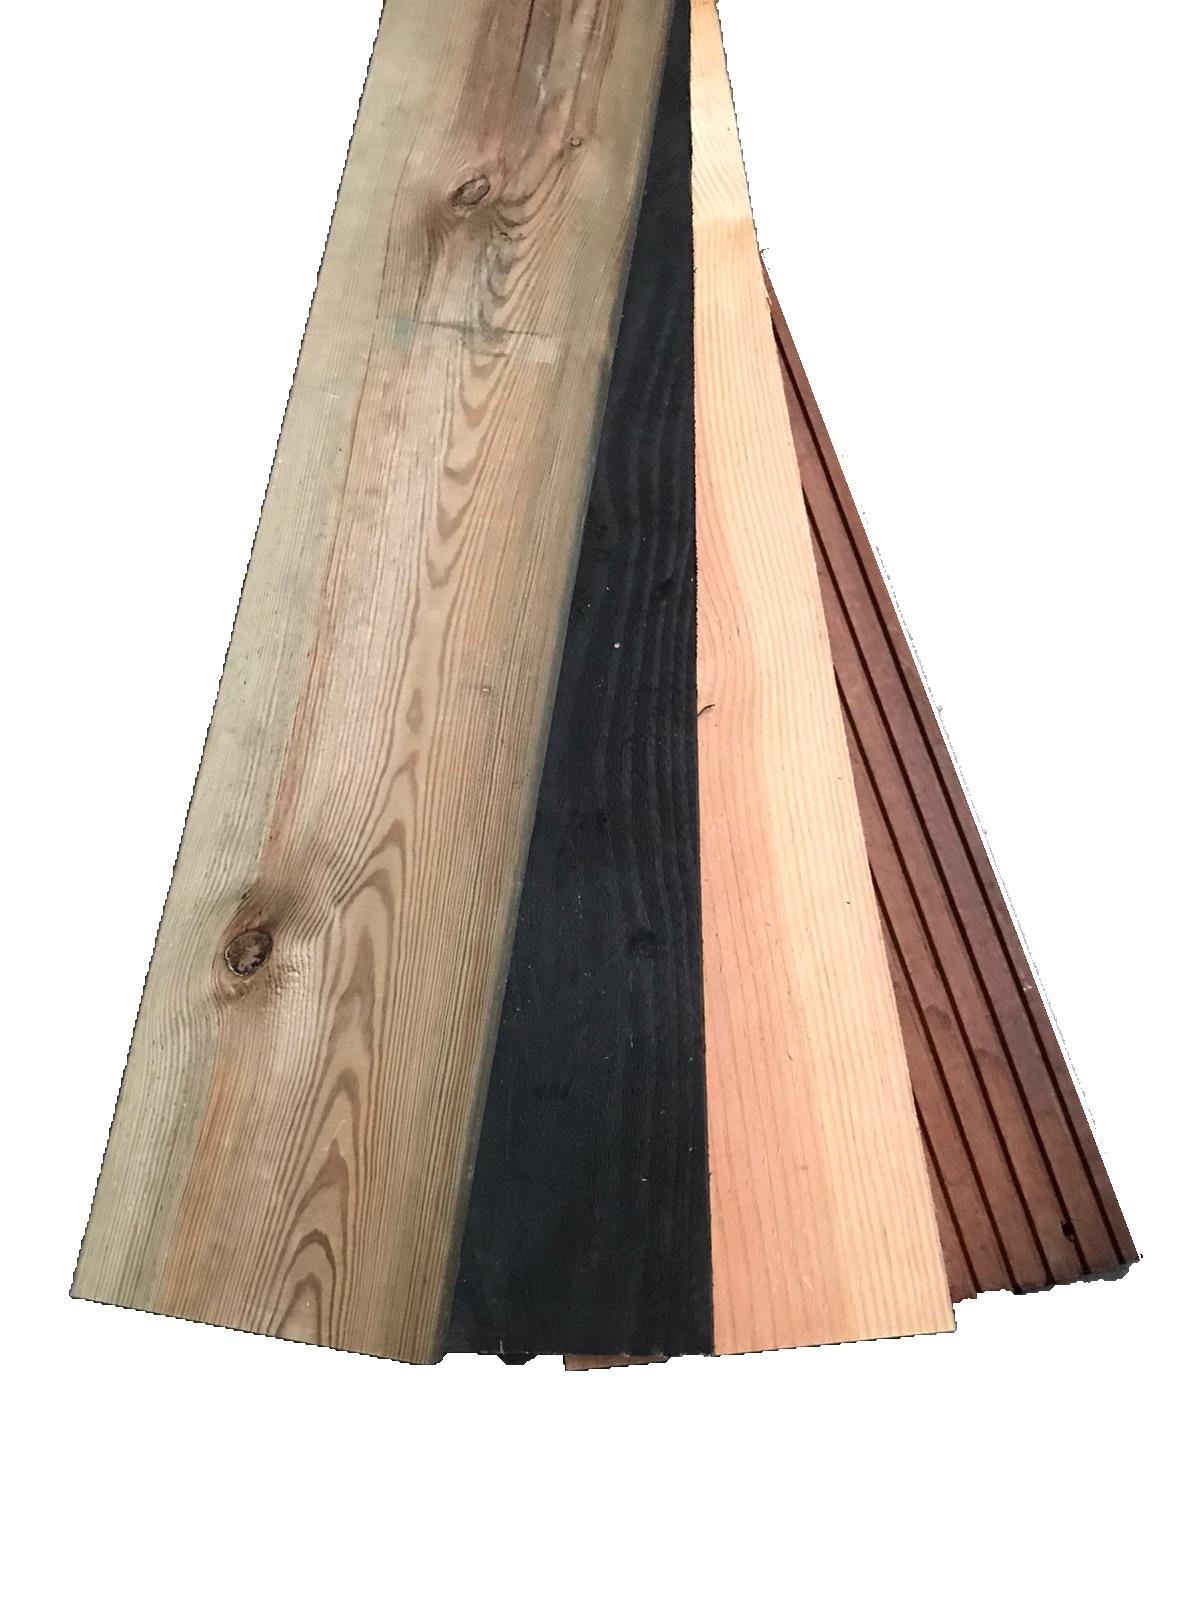 houten-vlonders-geknipt-rechter